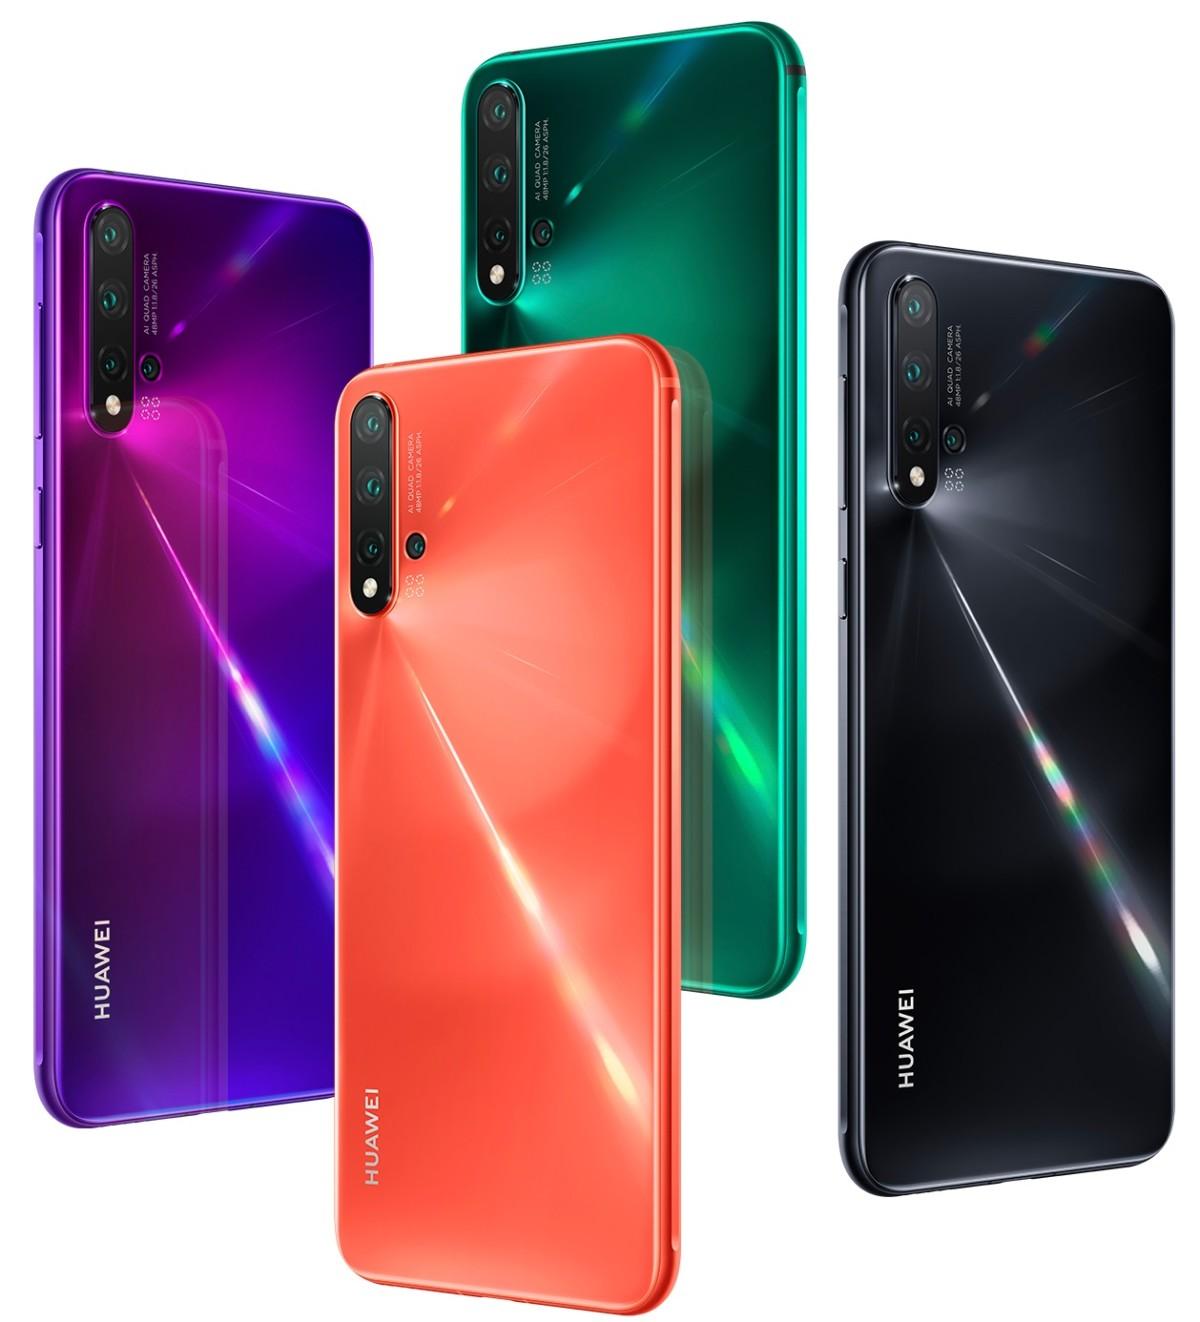 Le Huawei Nova 5 Pro